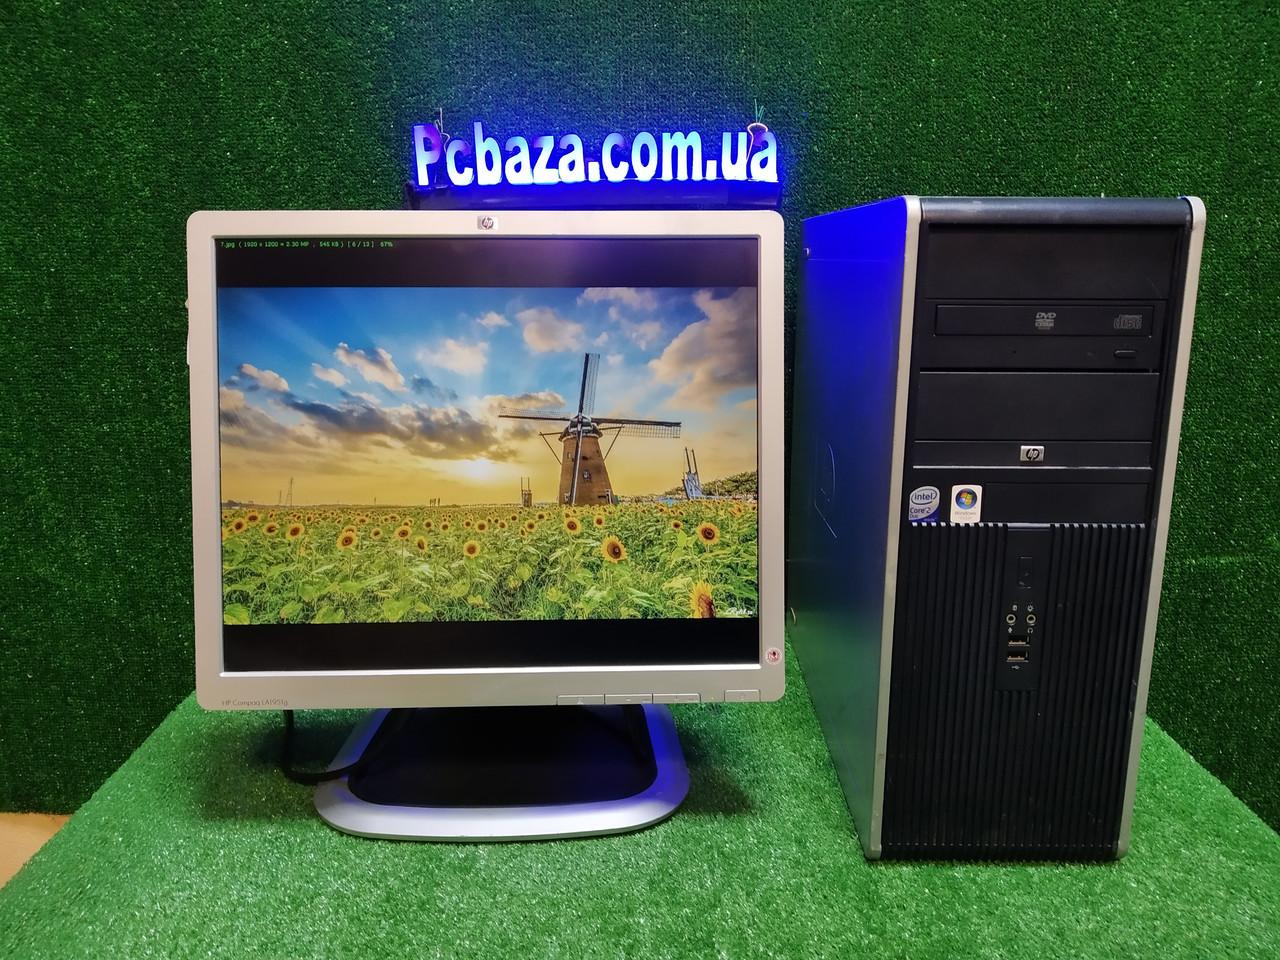 """ПК HP + мон 19"""", Intel 4 ядра, 4 ГБ, 160 ГБ Настроен! Есть Опт! Гарантия!"""